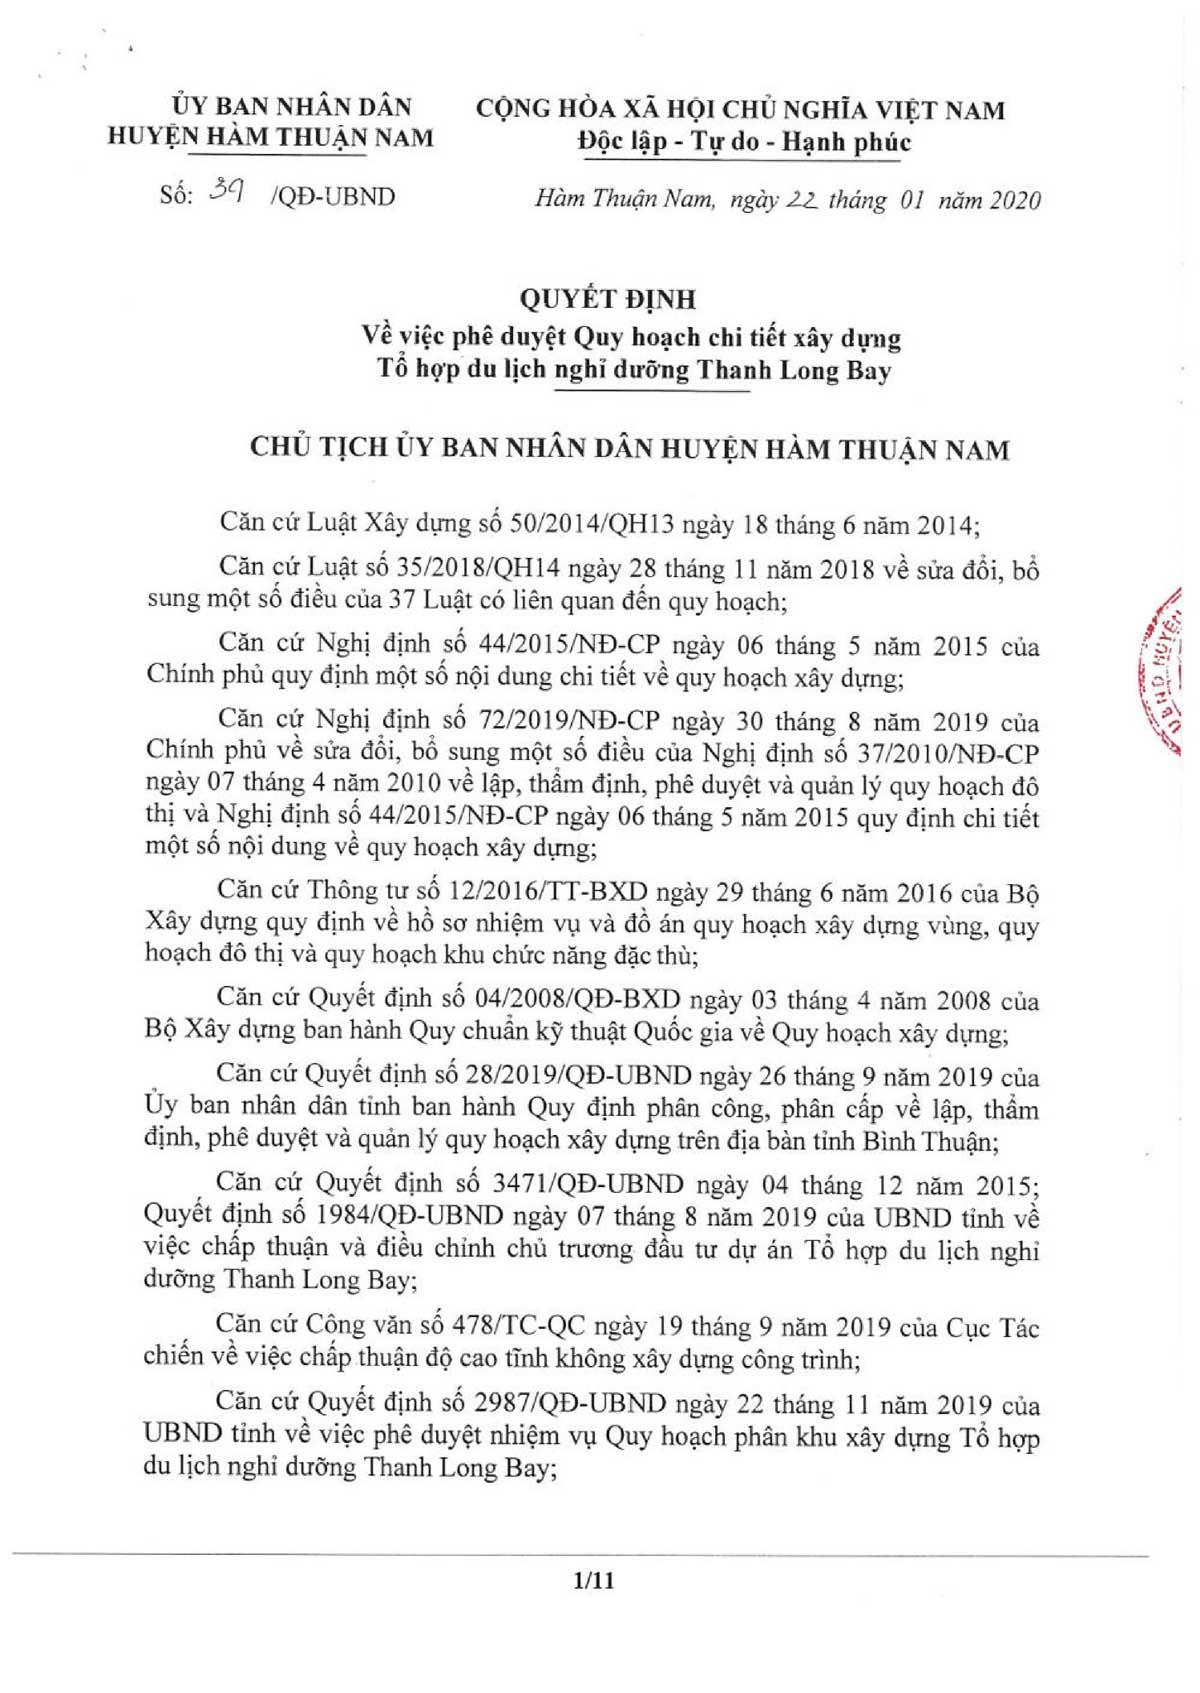 02. UBND 39 QD PHE DUYET QH CHI TIET XD TH DLND TLB 001 thanh long bay - Wyndham Coast By Thanh Long Bay